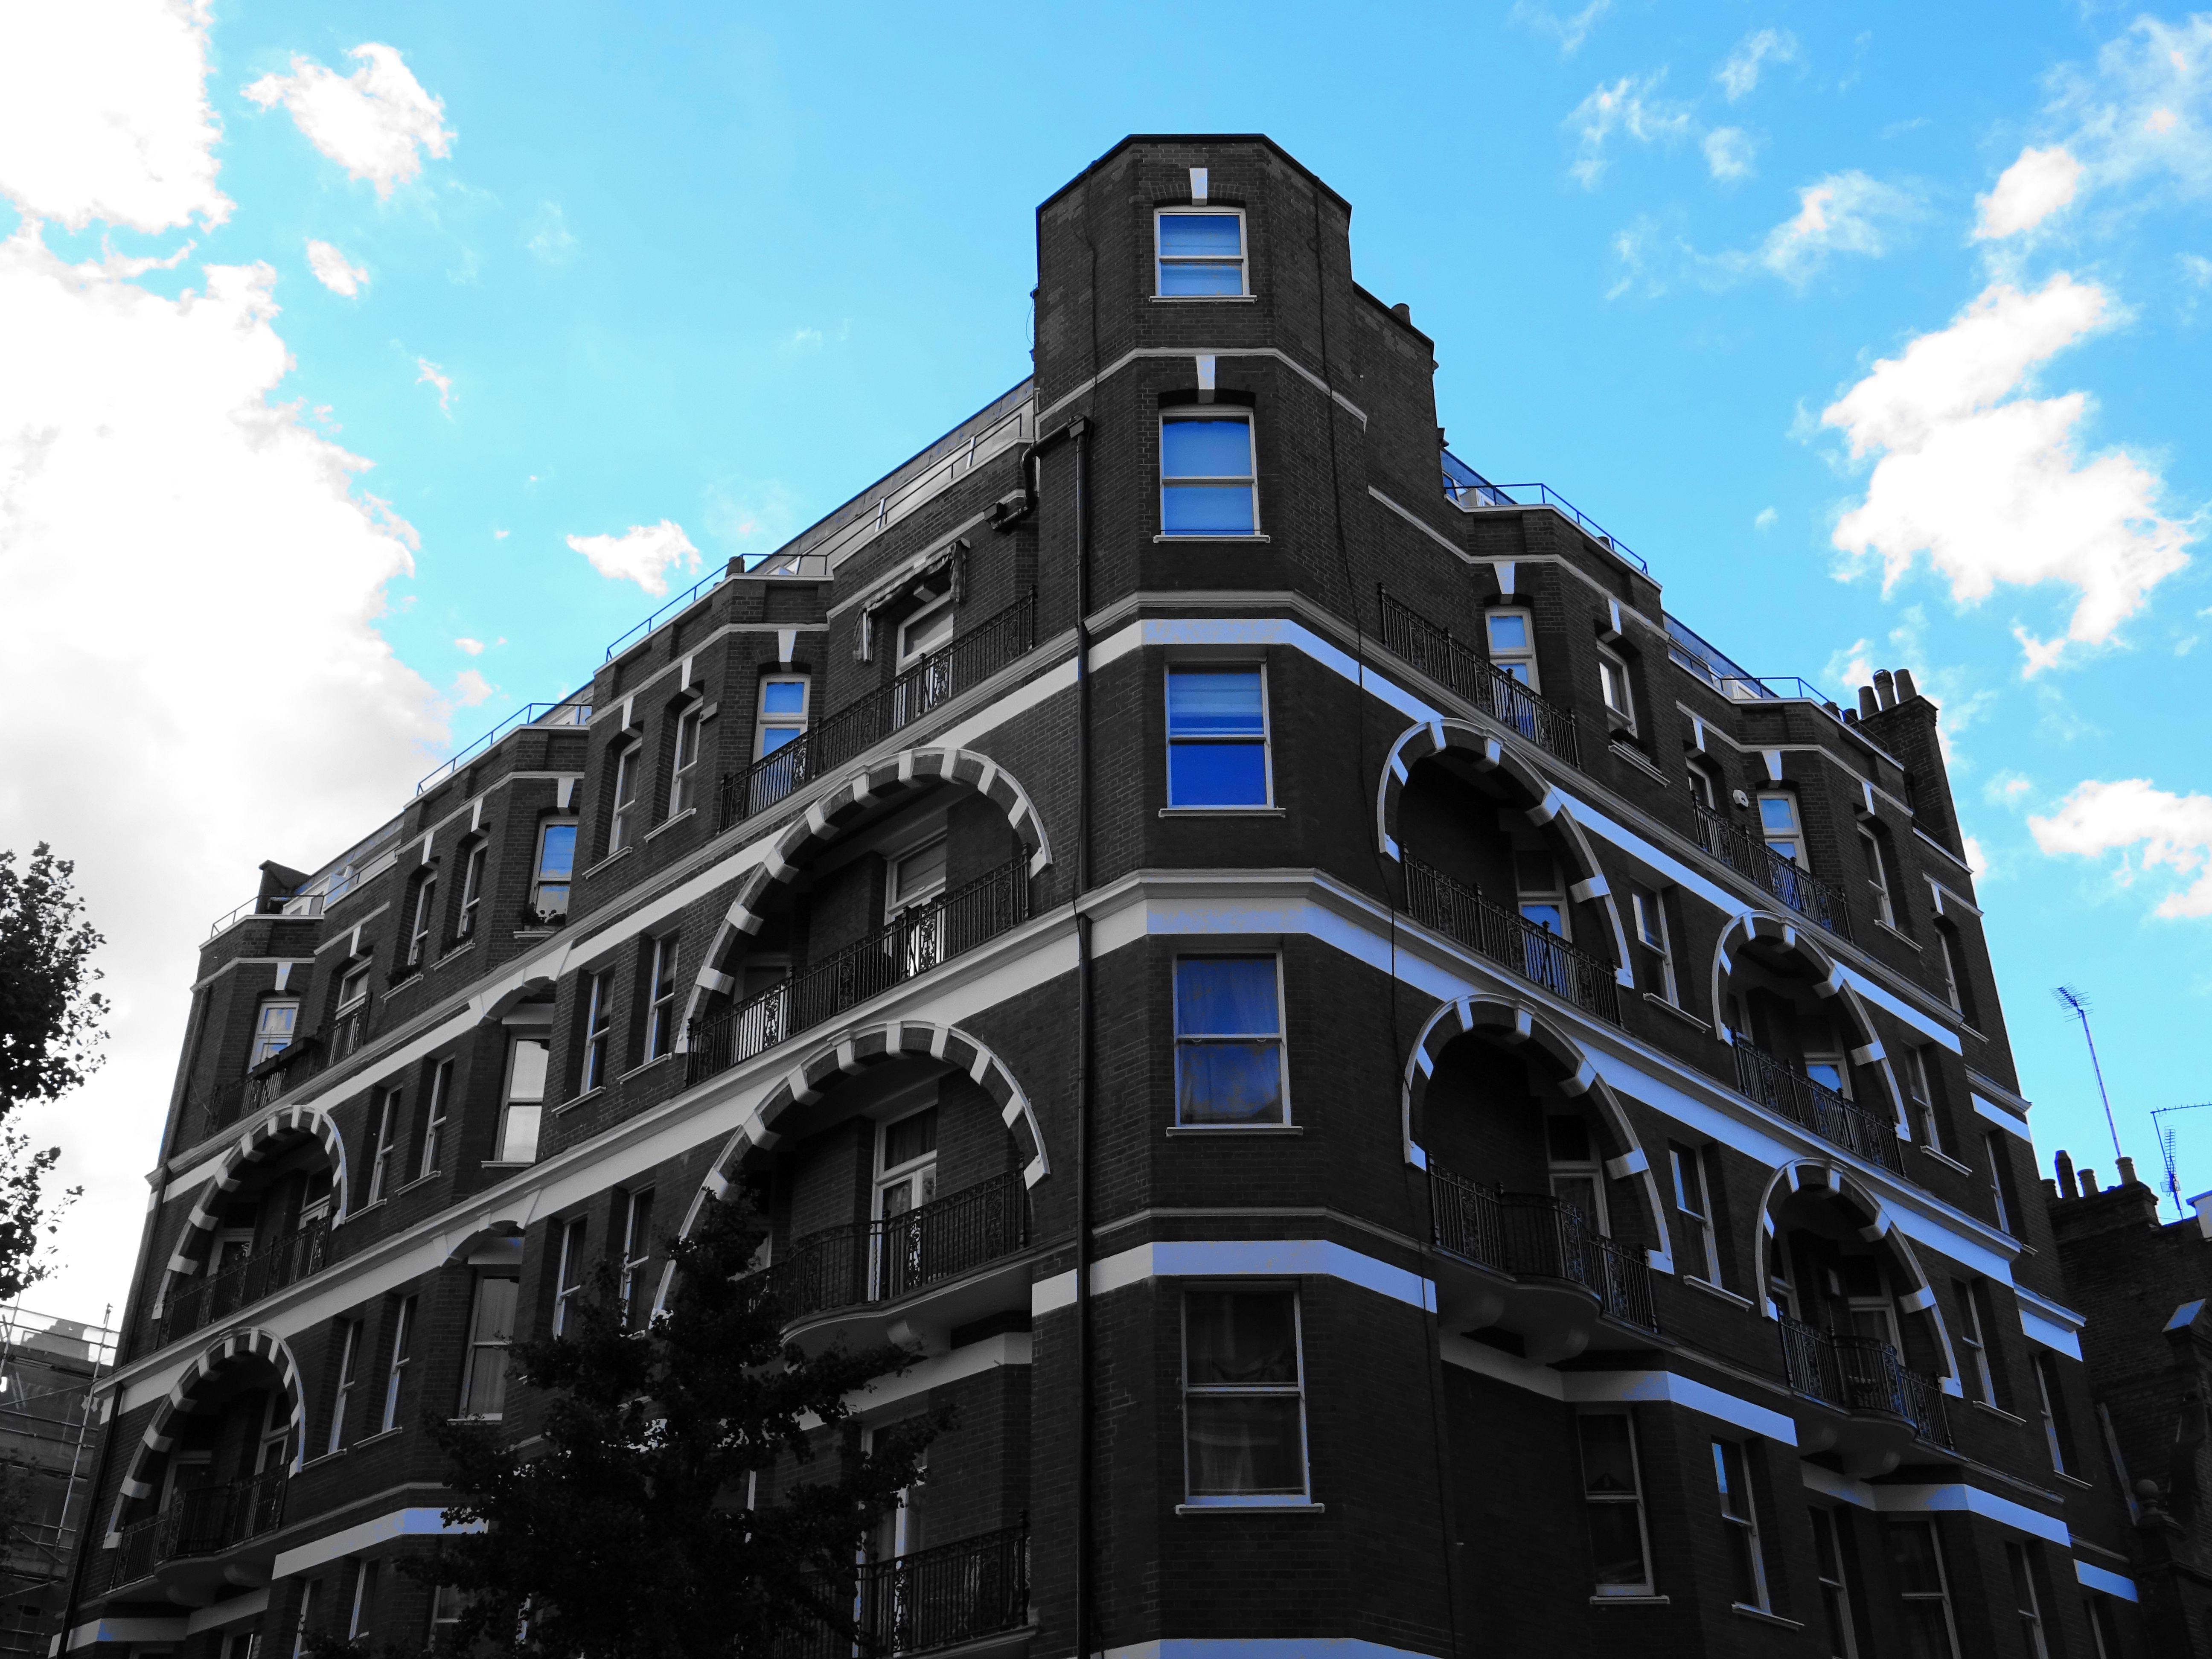 Images Gratuites Arches Conception Architecturale Architecture